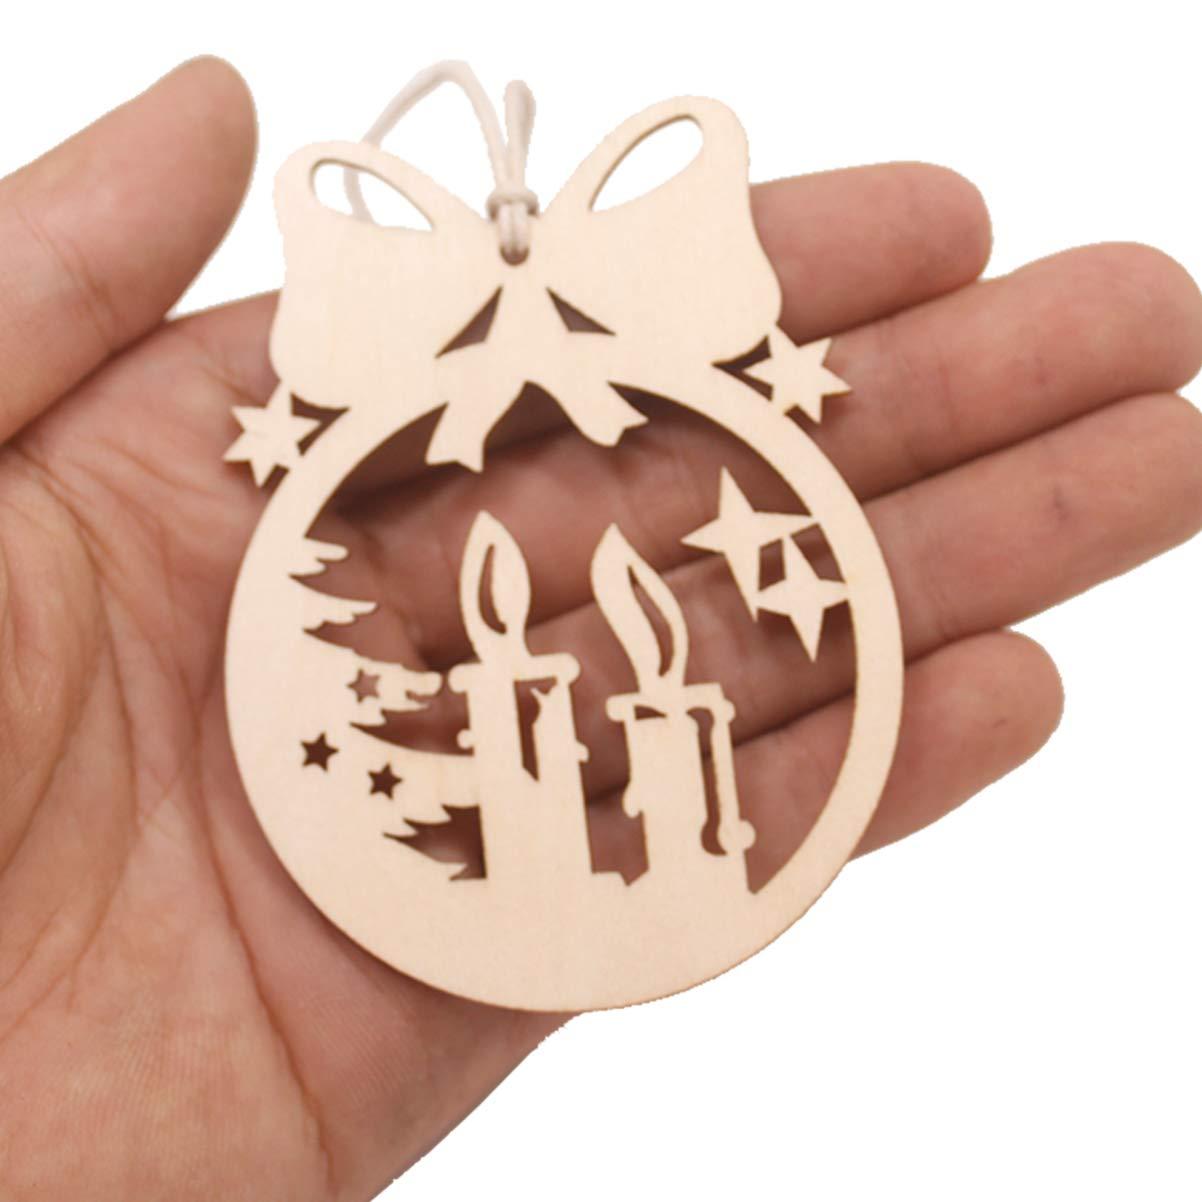 Amosfun 10 Pezzi Decorazioni Albero di Natale Legno Ciondolo Pendente Natale Etichette Tag Regalo Decorazioni Natale da Appendere Addobbi Natalizie